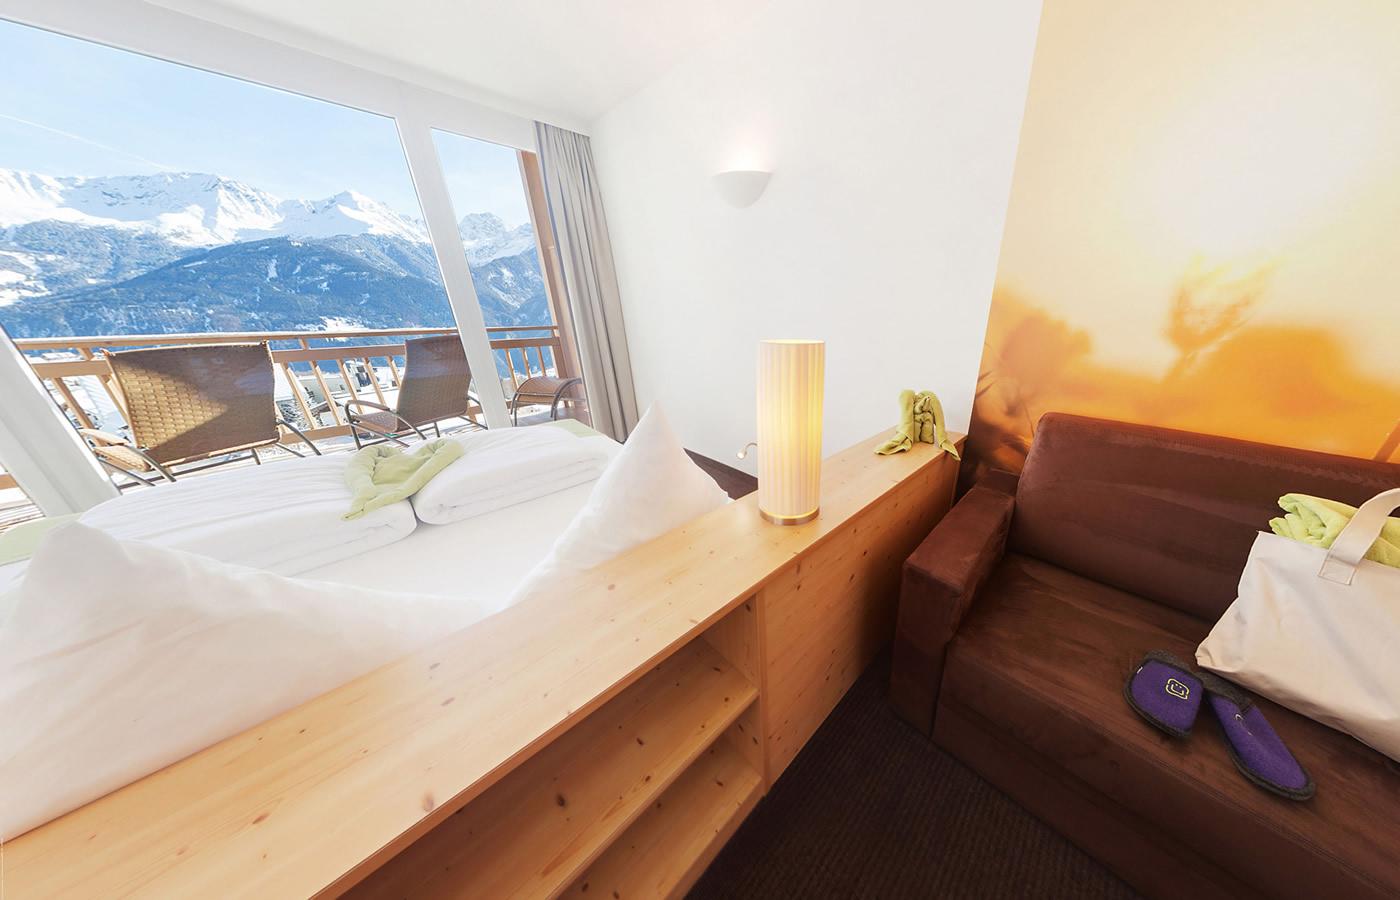 """Suite """"Familienharmonie"""" im Hotel Natürlich in Fiss, Tirol."""